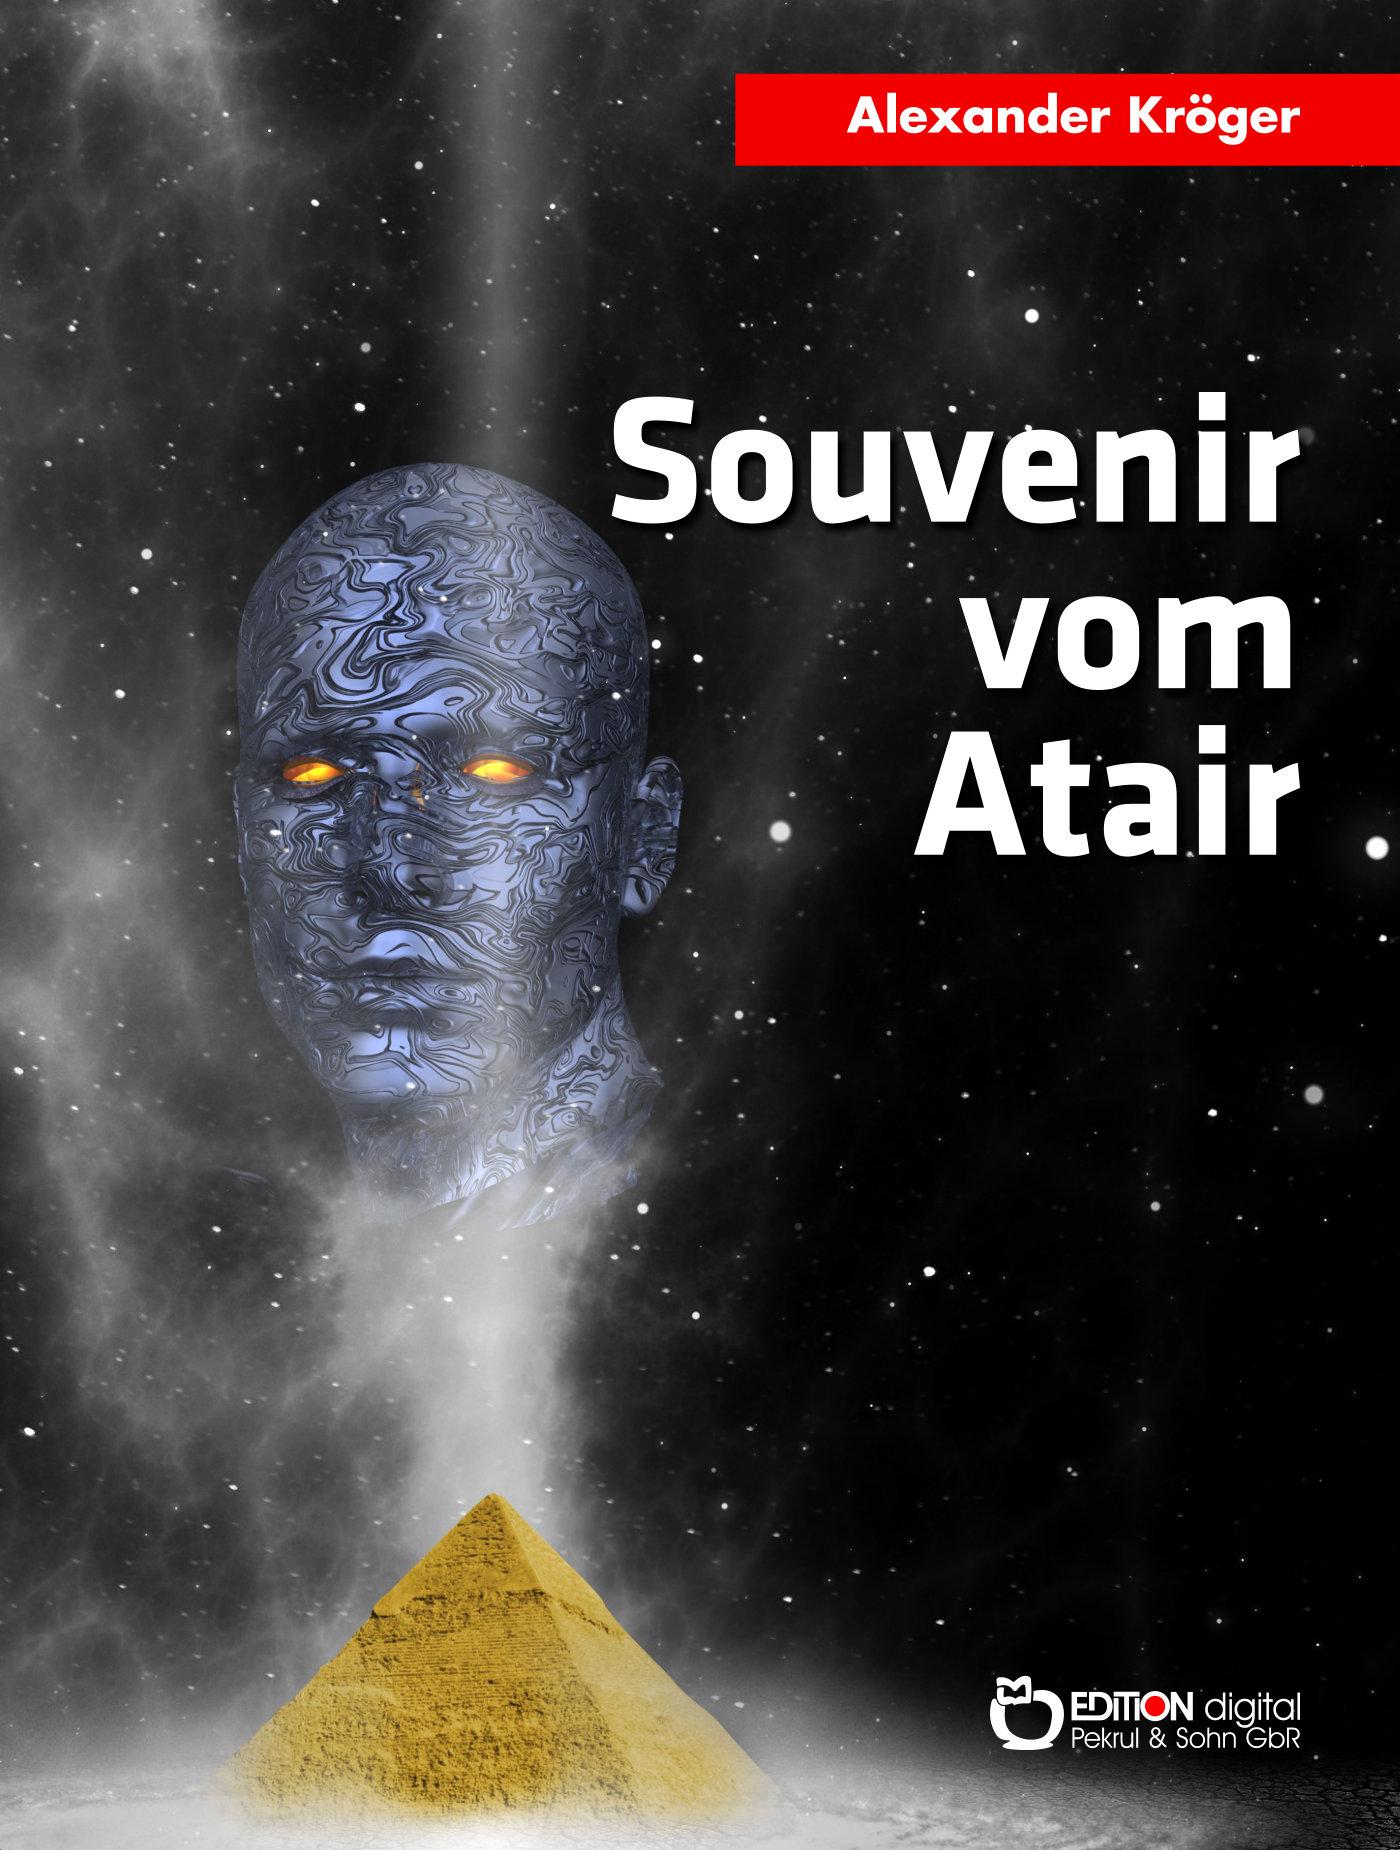 Souvenir vom Atair. Wissenschaftlich-fantastischer Roman von Alexander Kröger